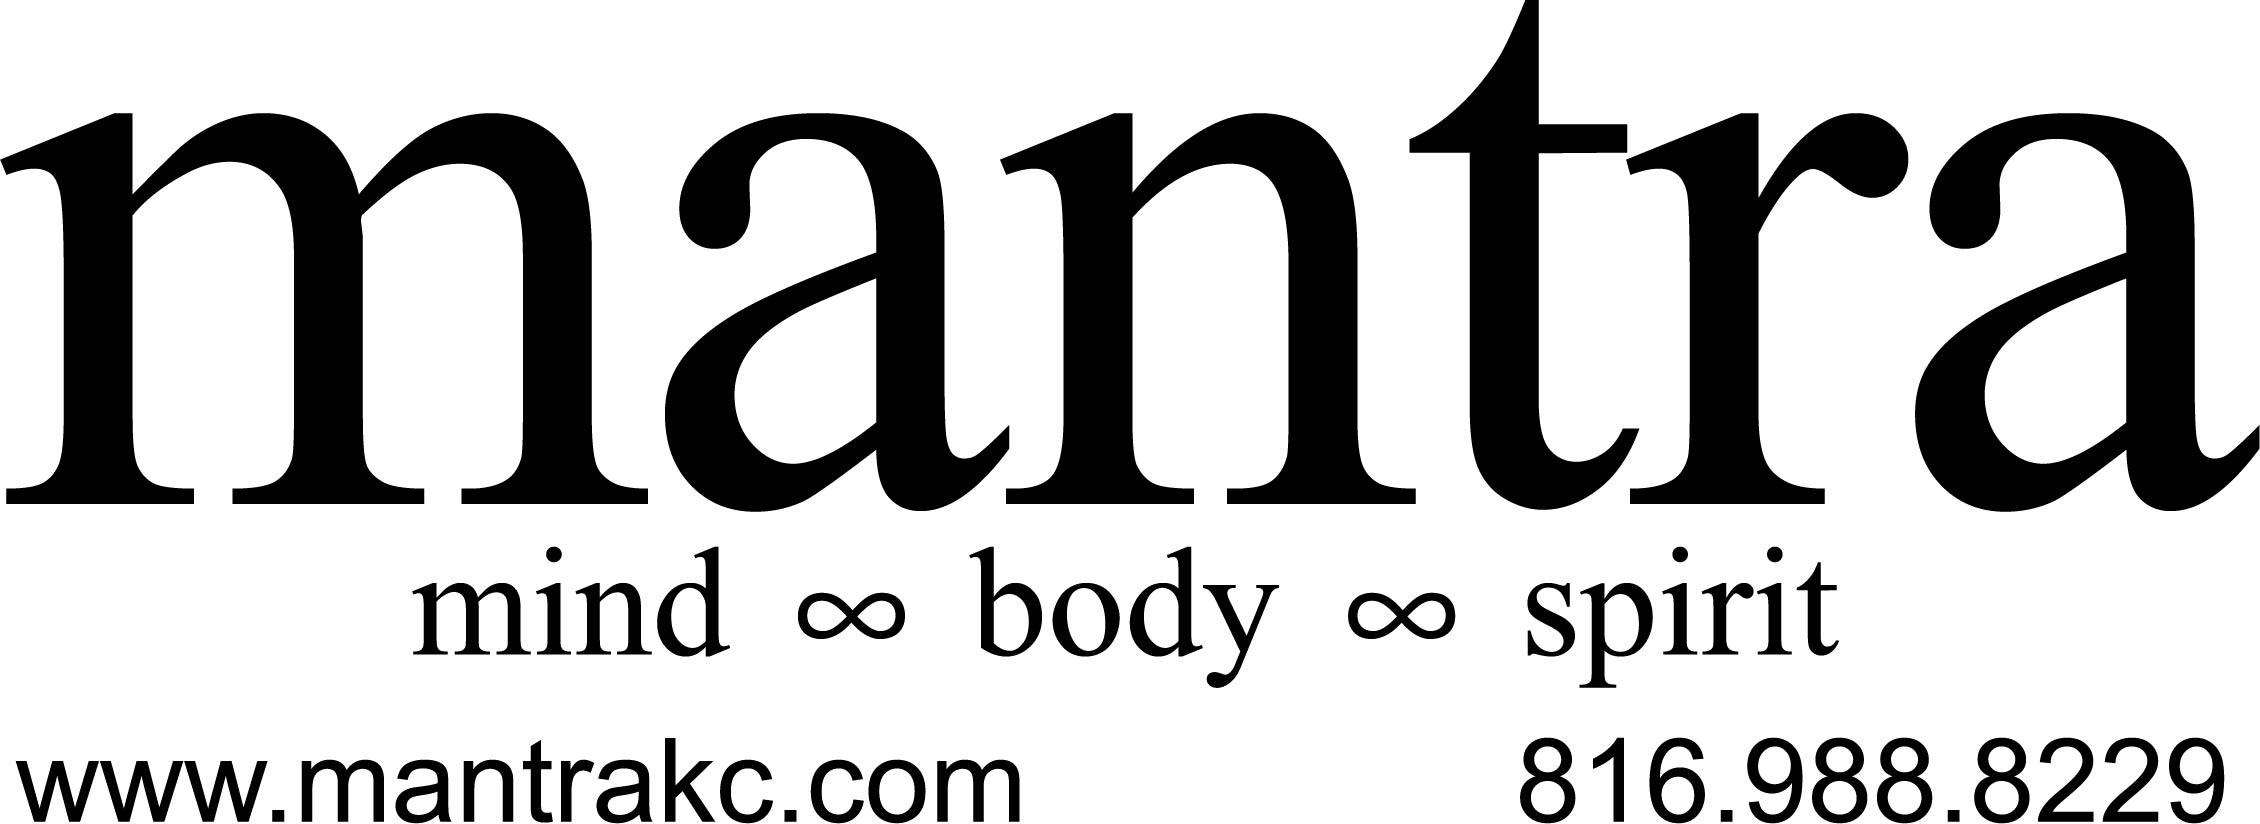 MASON mantra logo-contact info